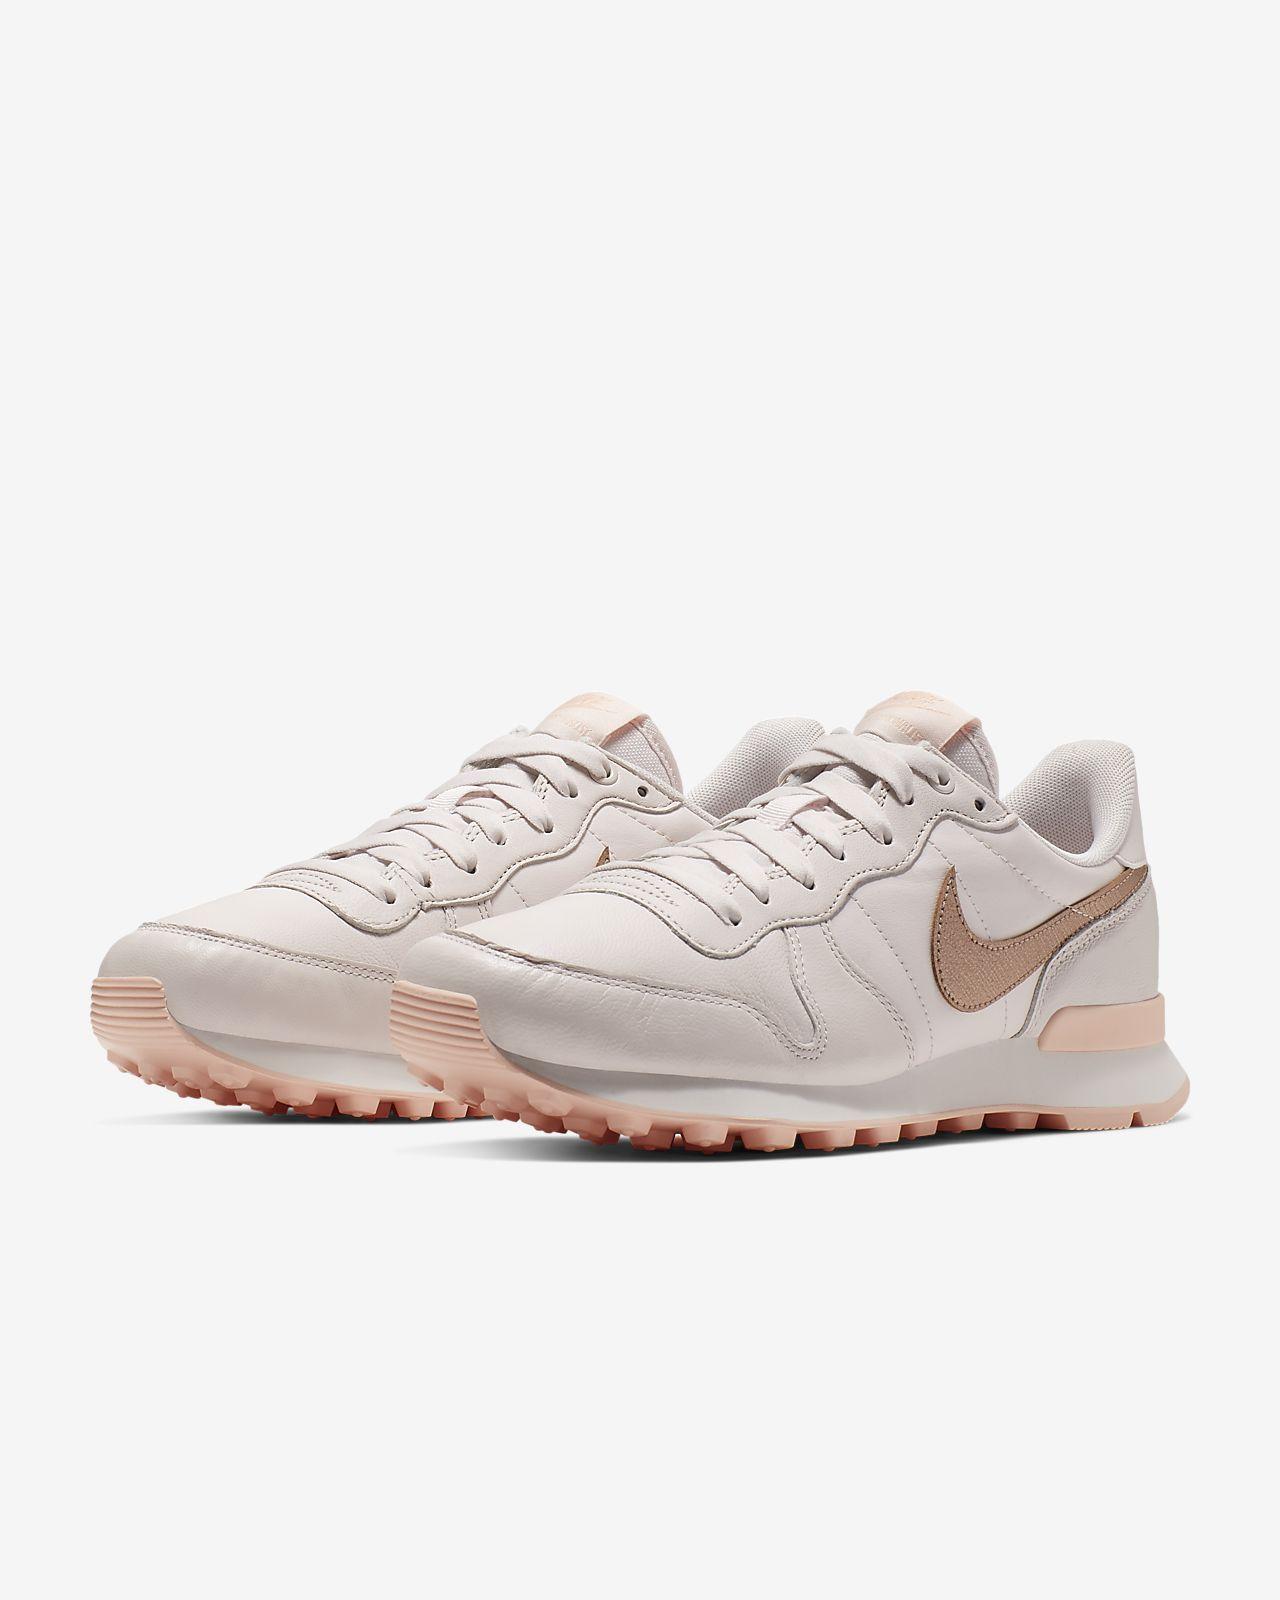 best sneakers d2c9f 63f3f Low Resolution Nike Internationalist Premium Women s Shoe Nike  Internationalist Premium Women s Shoe